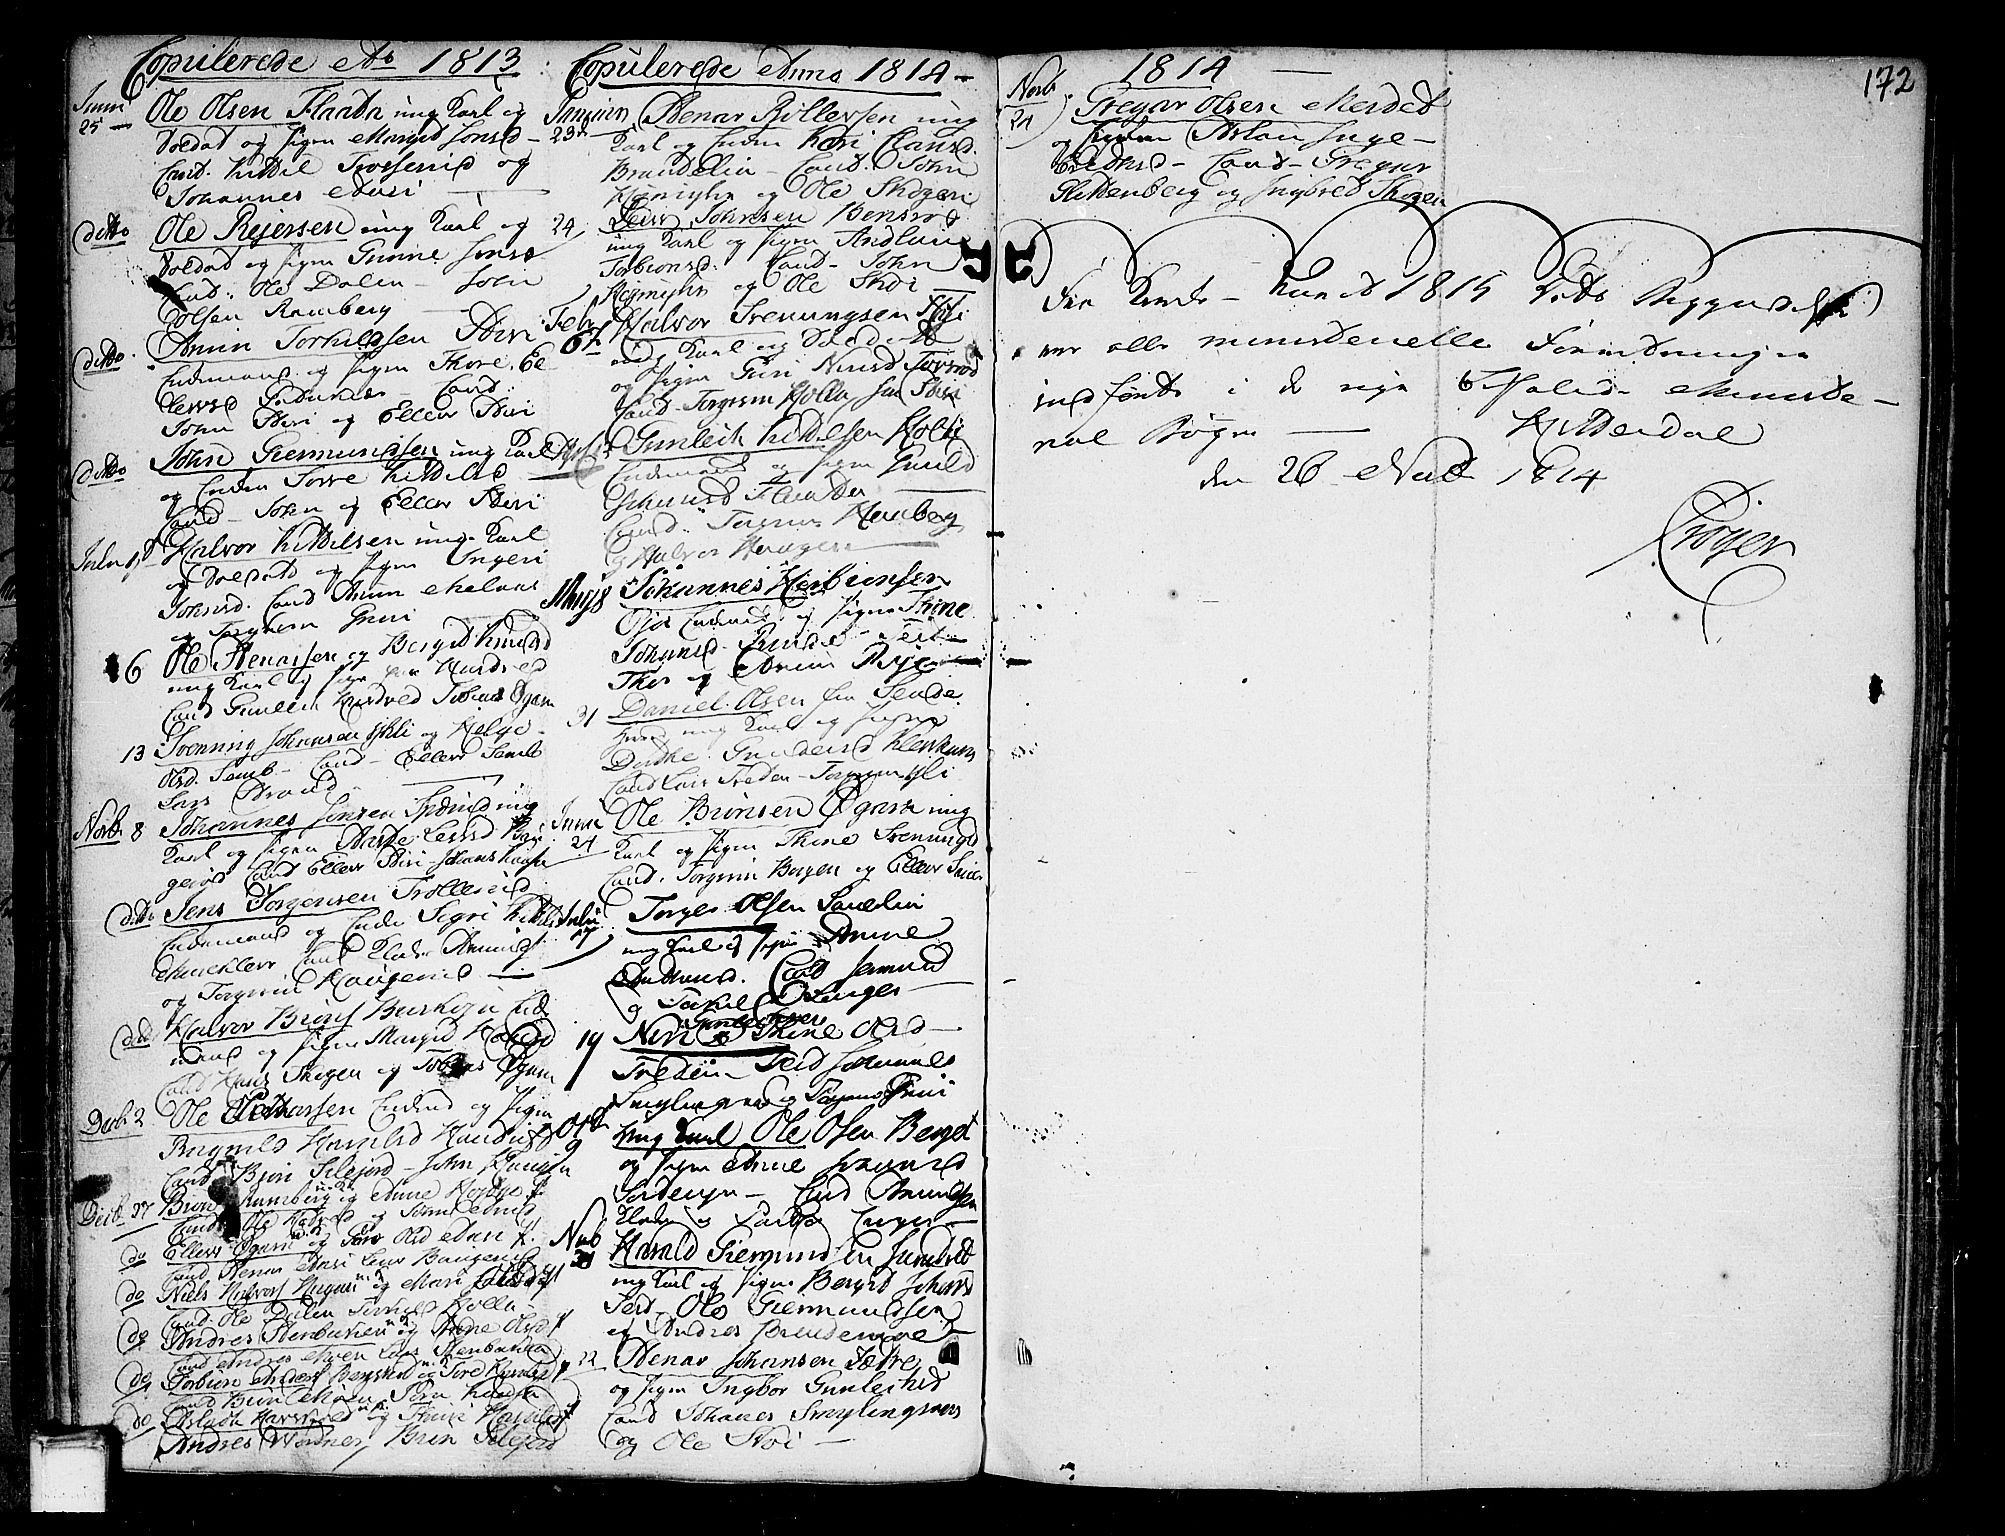 SAKO, Heddal kirkebøker, F/Fa/L0004: Ministerialbok nr. I 4, 1784-1814, s. 172